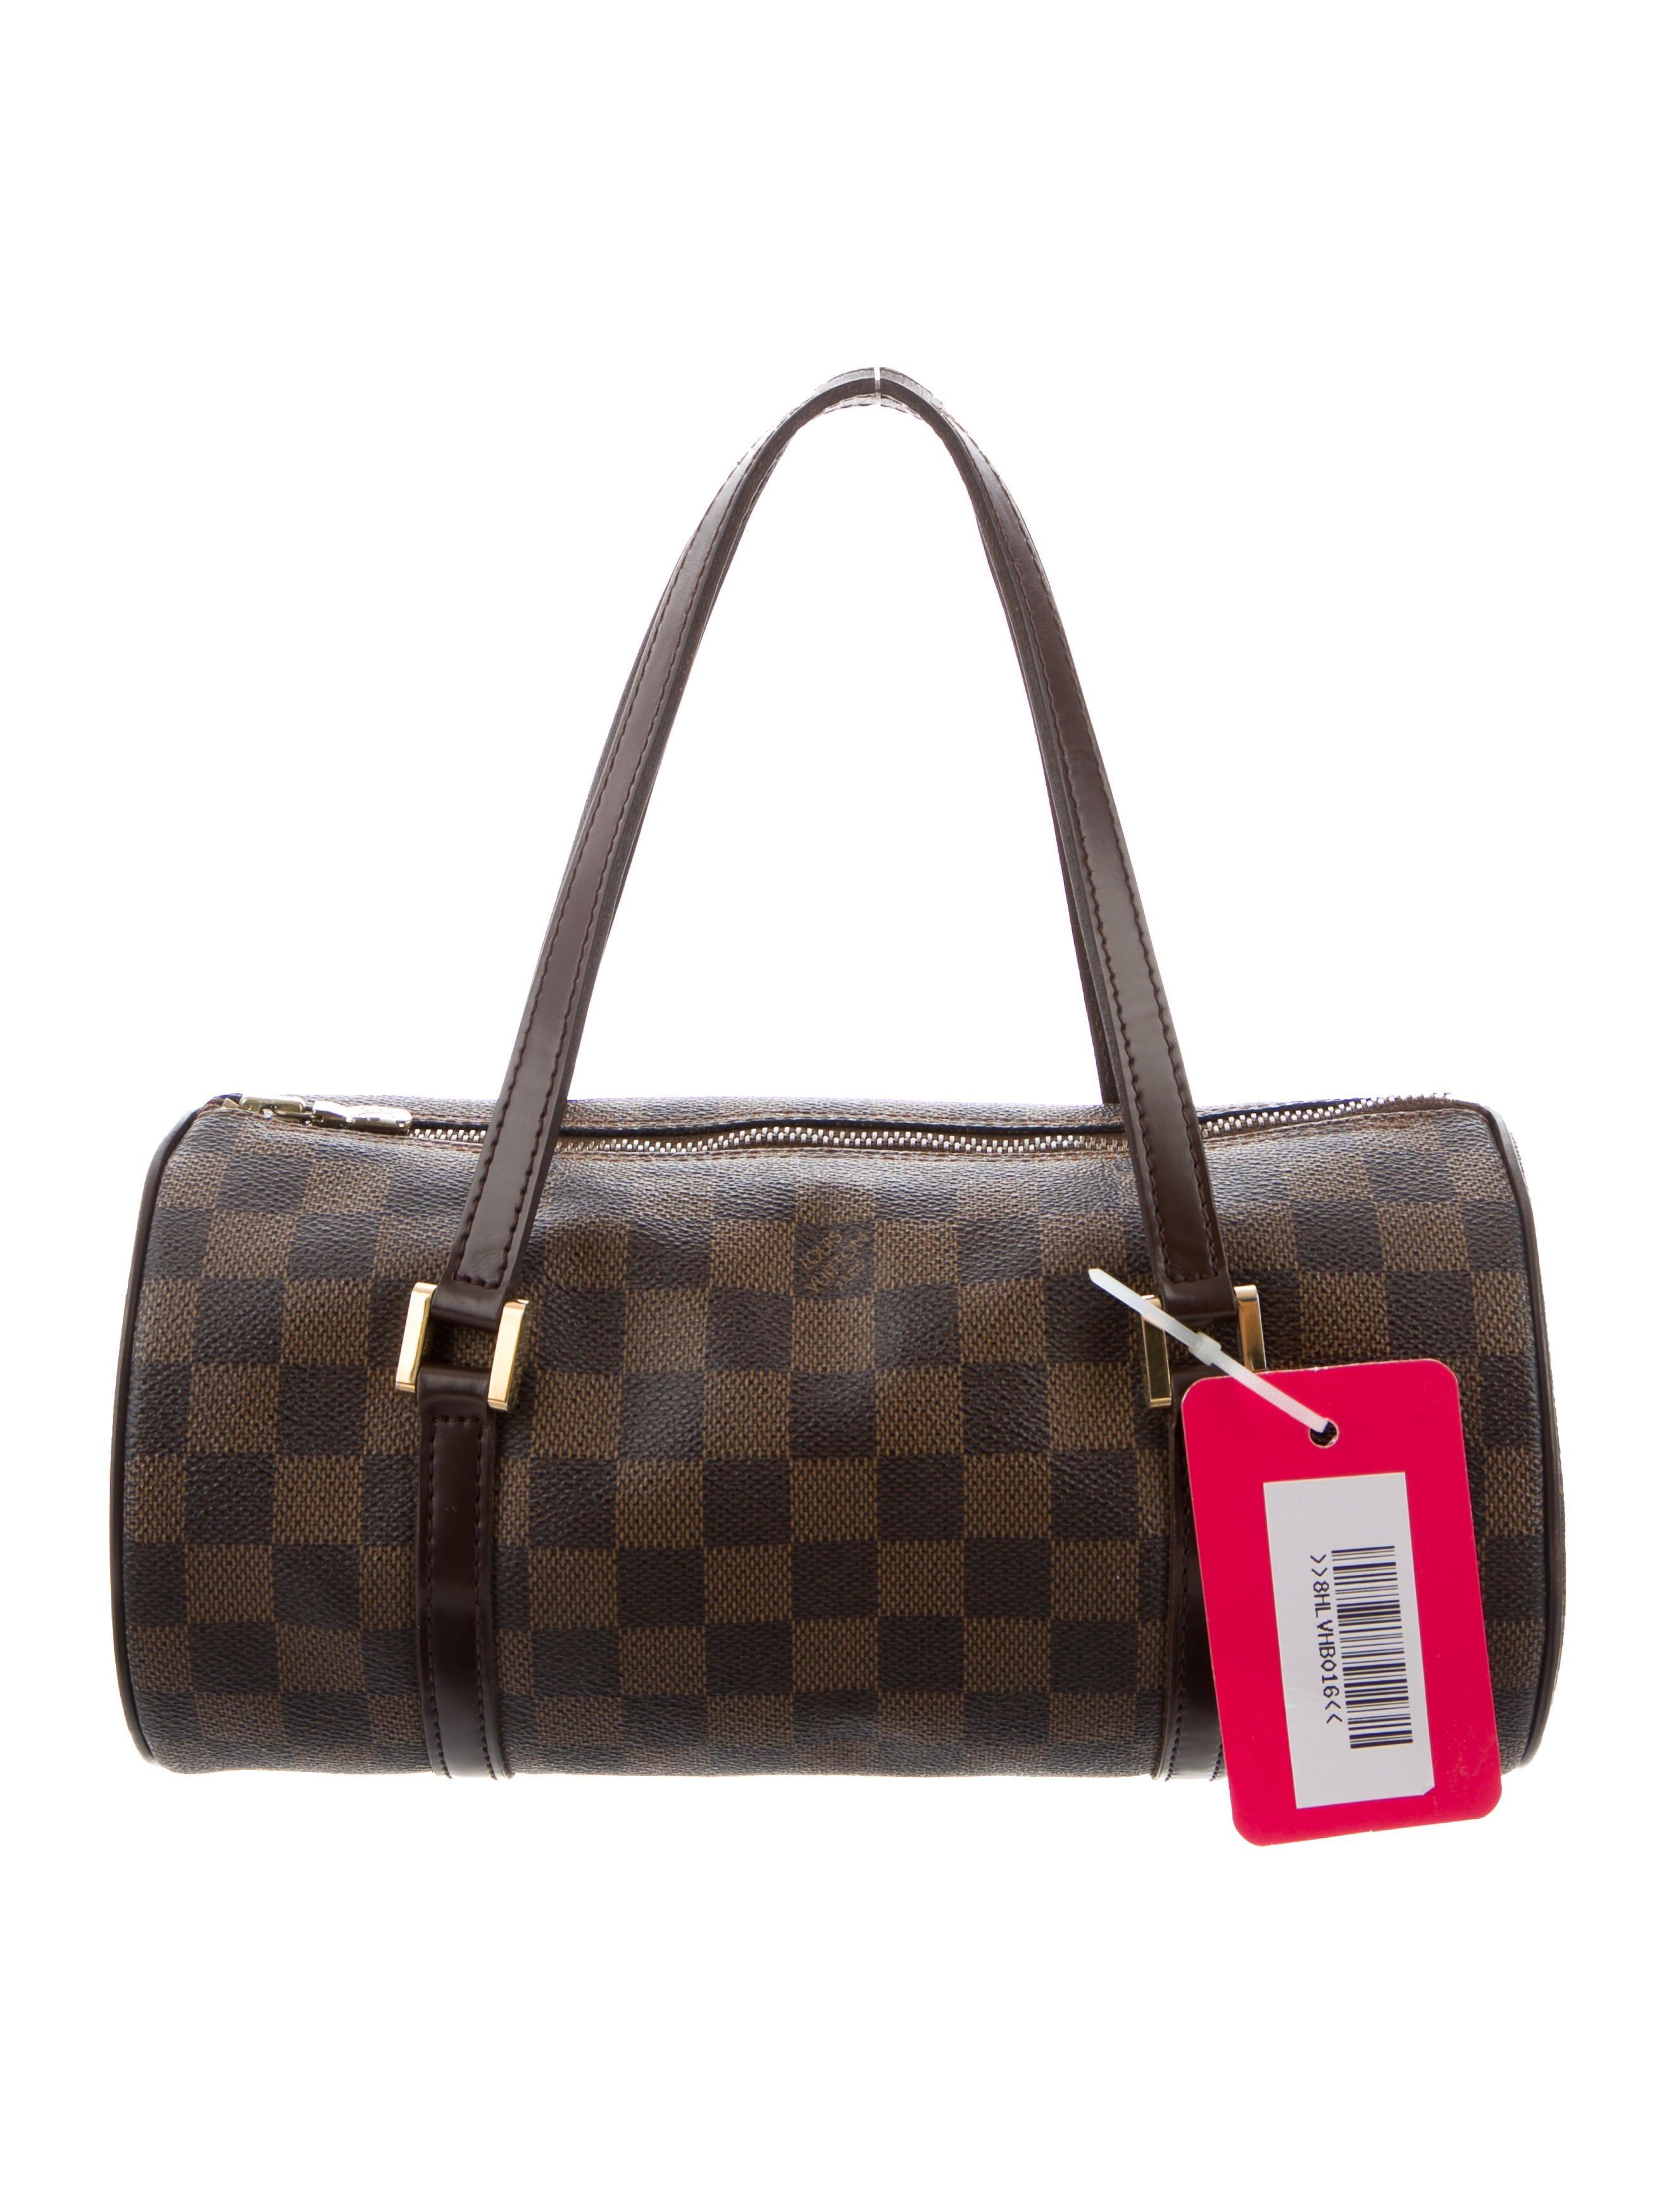 0ffd349b3 Louis Vuitton Handbags | The RealReal